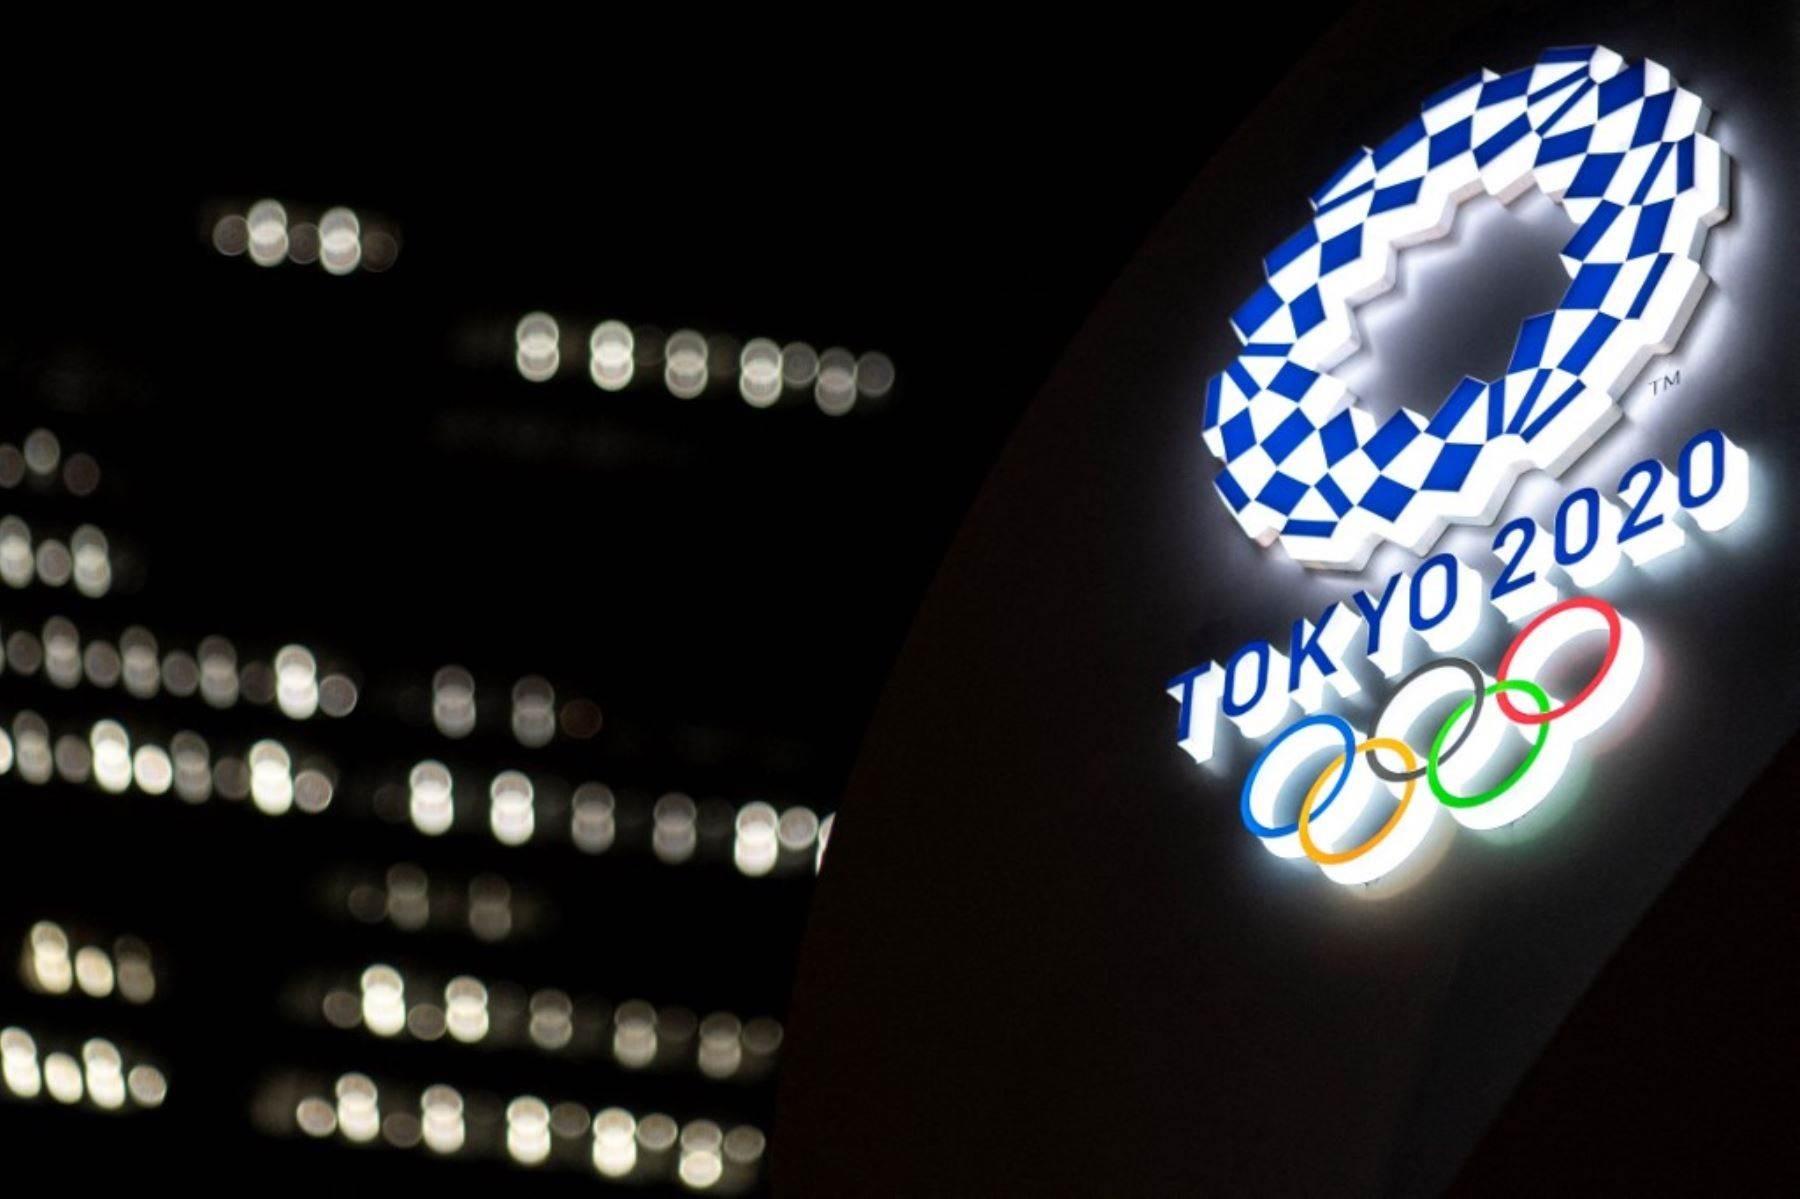 Organizadores de Tokio 2020 prometen unos Juegos Olímpicos seguros